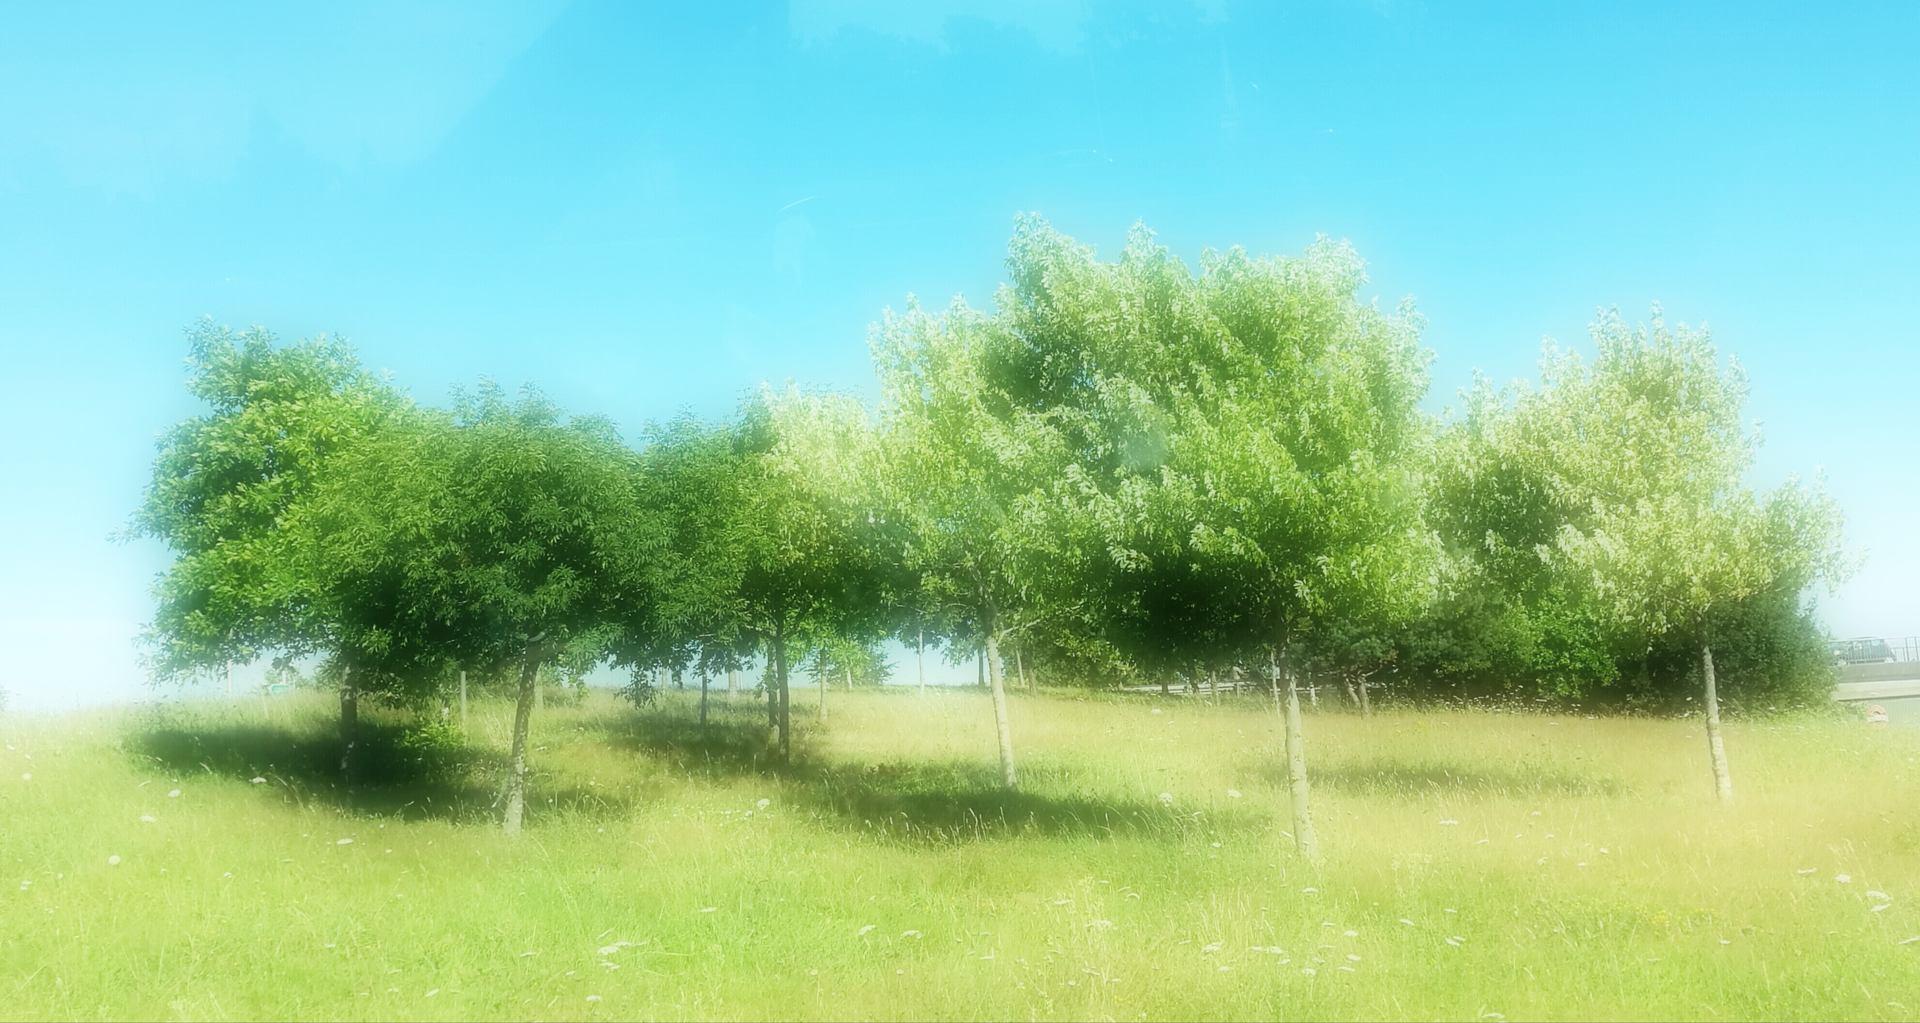 Bande d'arbres